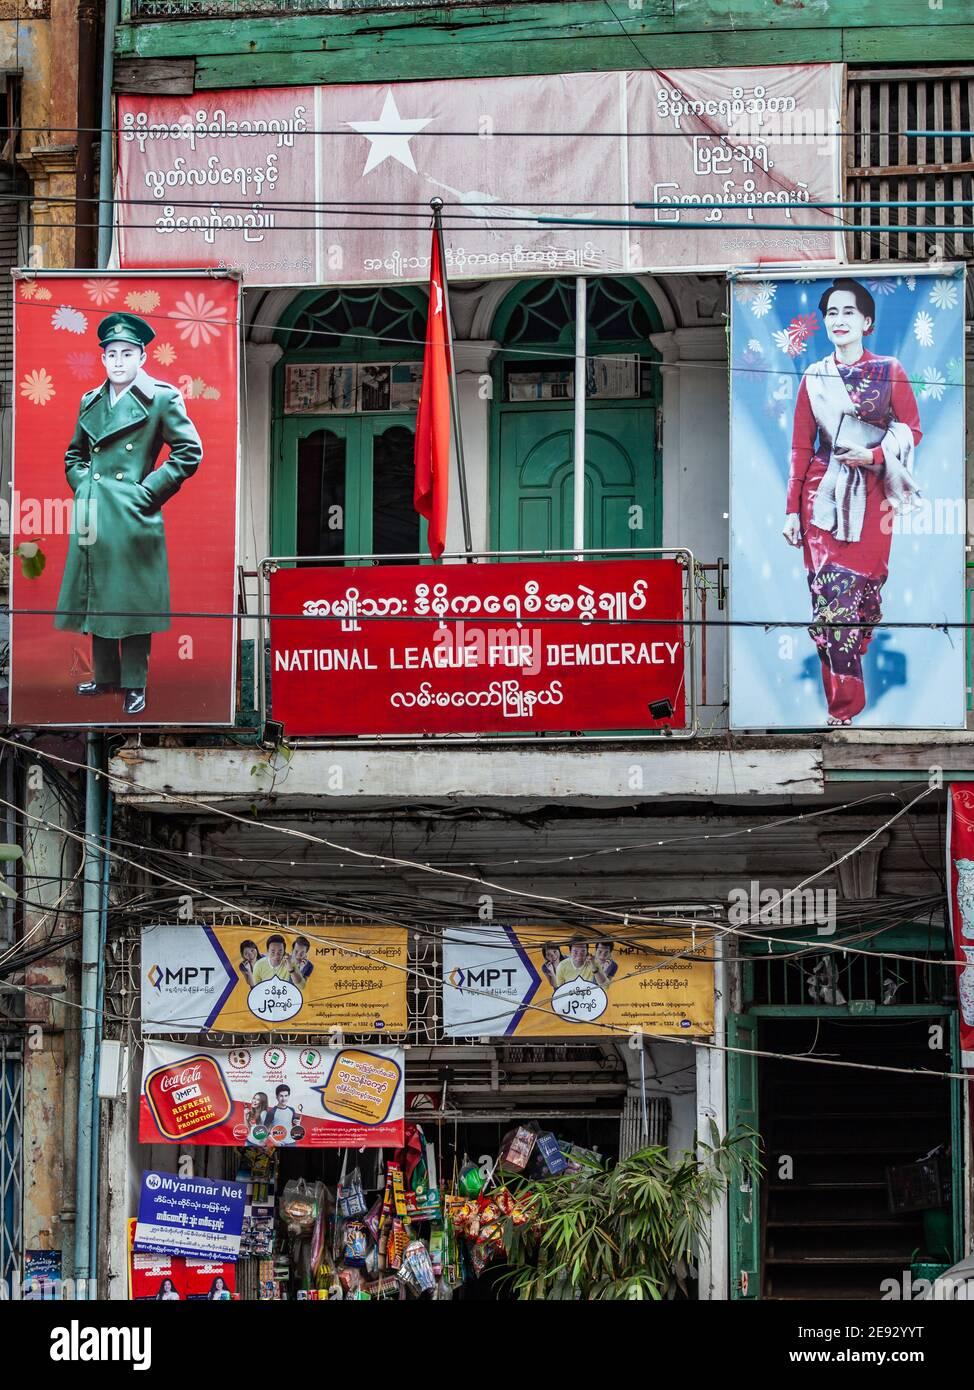 YANGON, MYANMAR - 2 JANVIER 2016 : Bureau de la Ligue nationale pour la démocratie avec des portraits d'Aung San et d'Aung San Suu Kyi à Yangon, au Myanmar. Banque D'Images